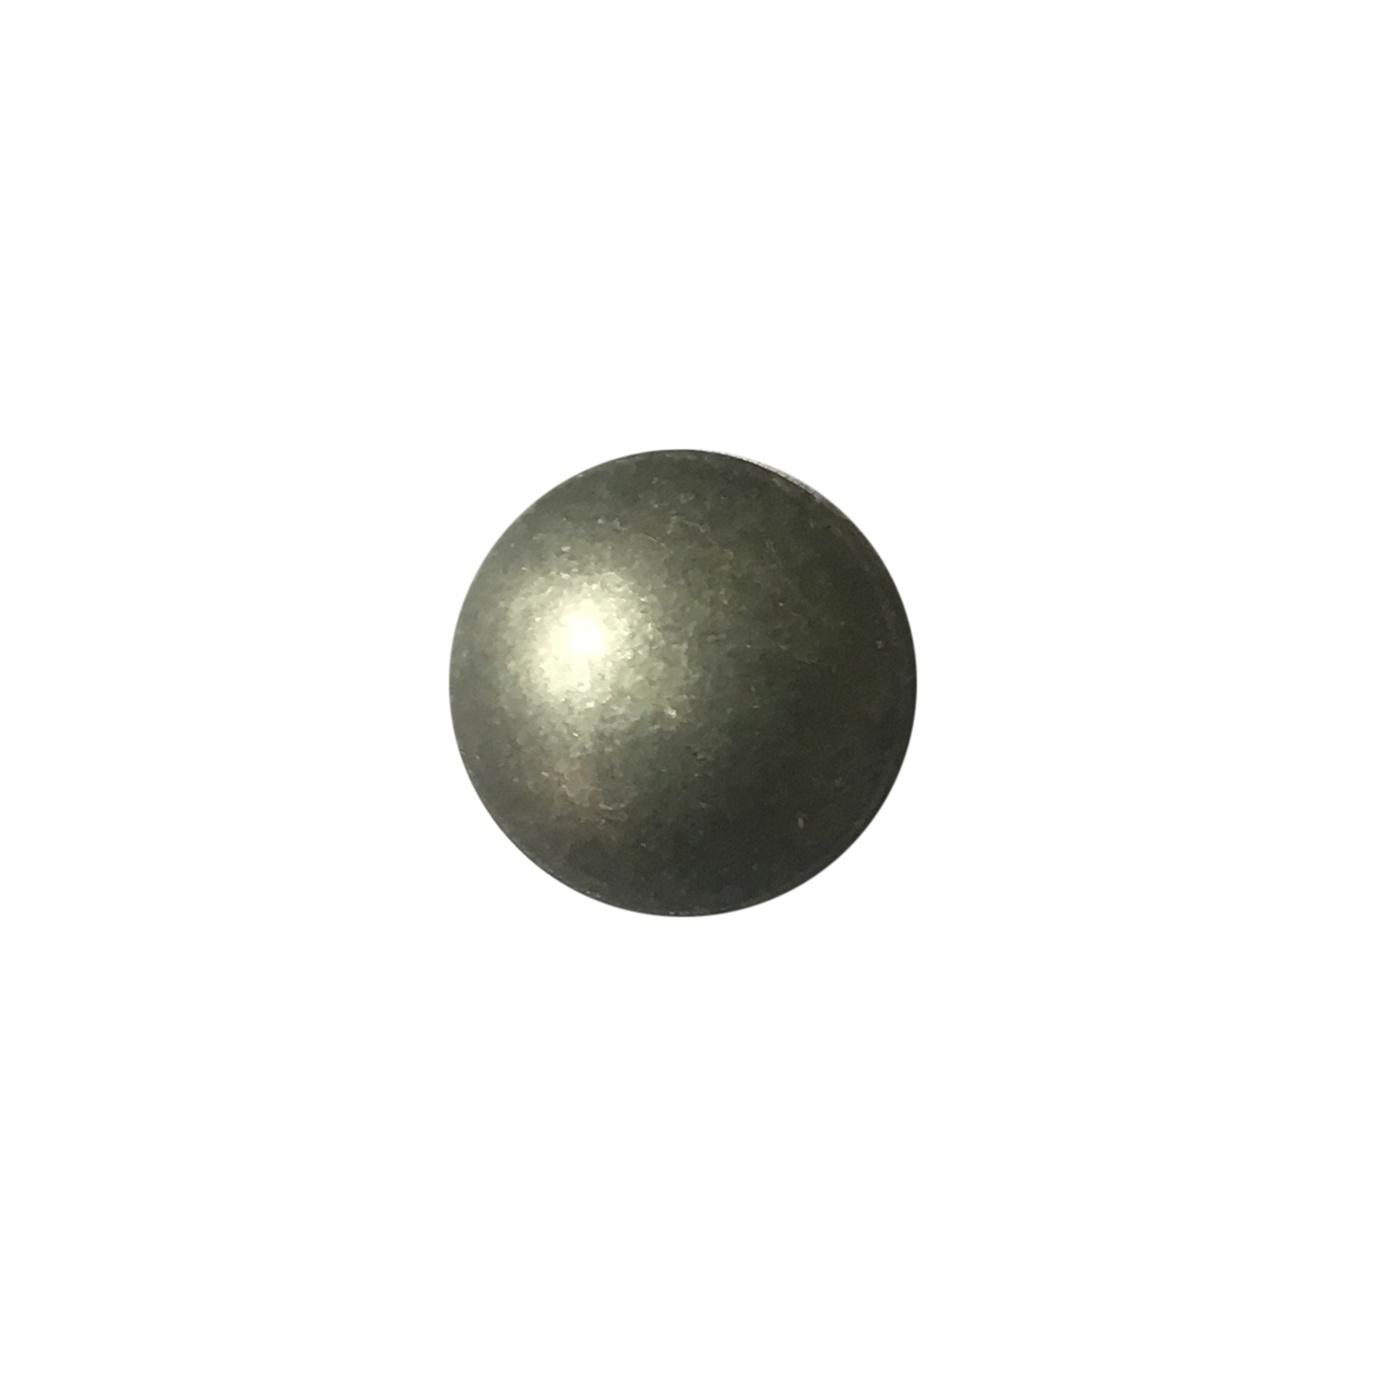 1000 Clous Tapissiers Noir Mat 11mm Perle Fer